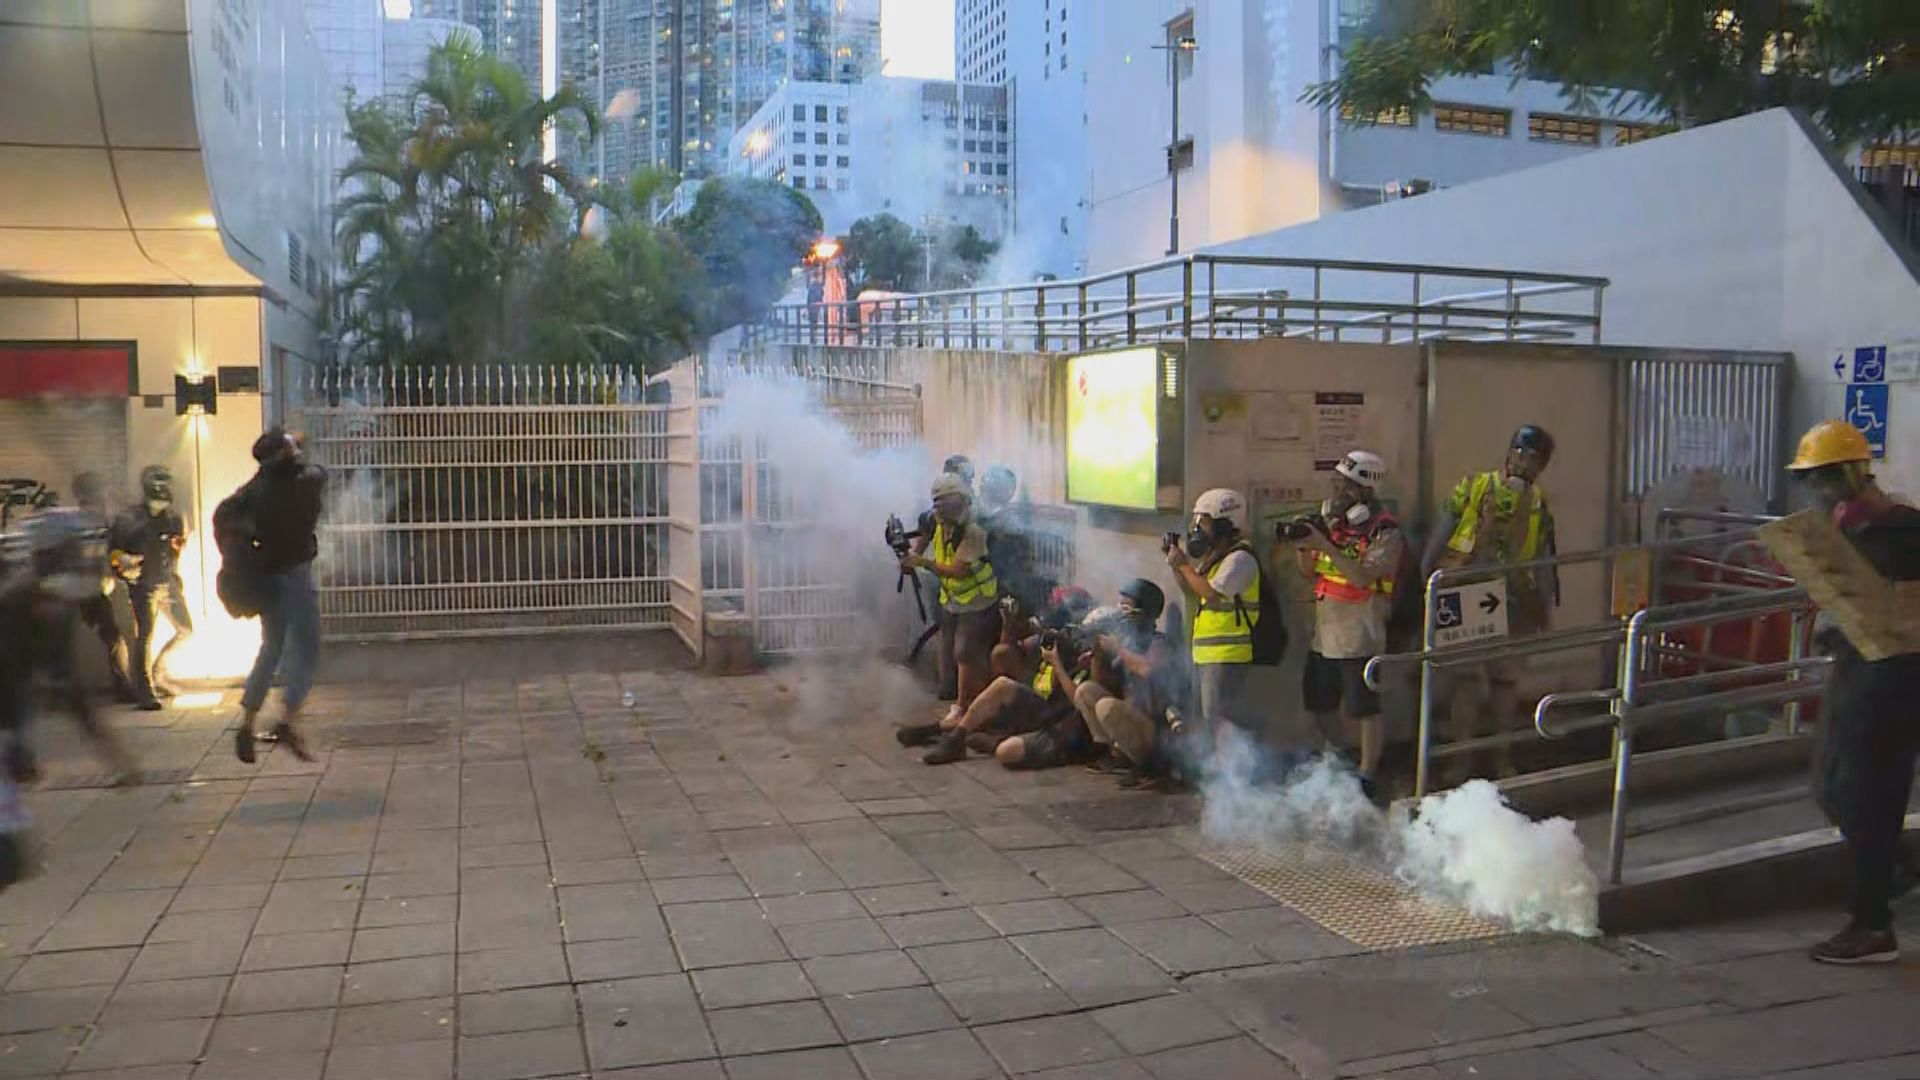 示威者圍堵尖沙咀警署 警方發射催淚彈驅散